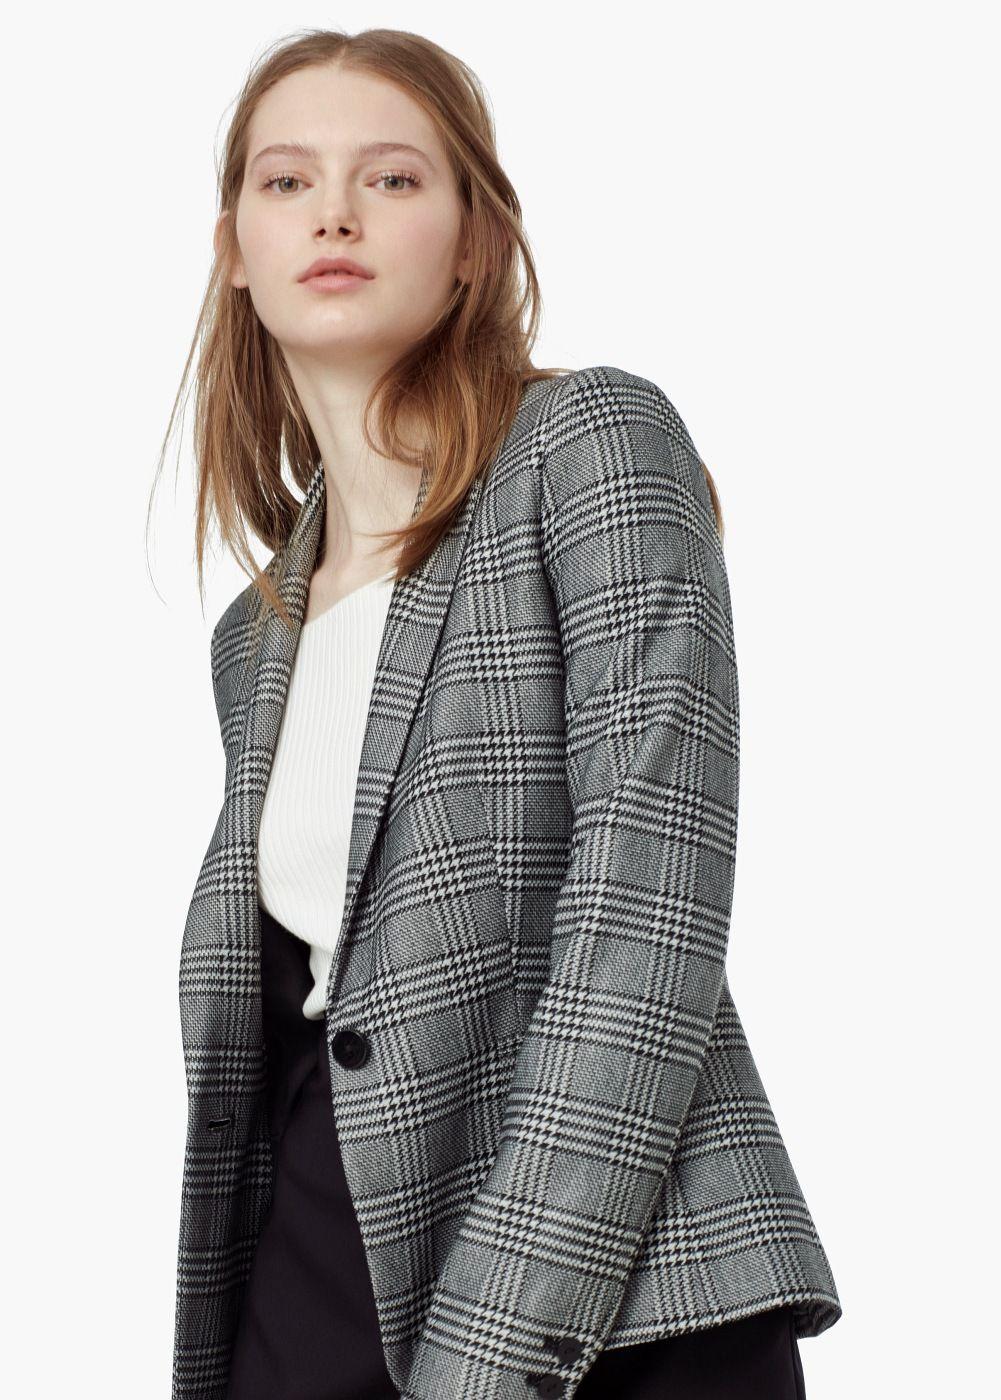 Americana traje cuadros - Mujer en 2019  30a88c6ceb19